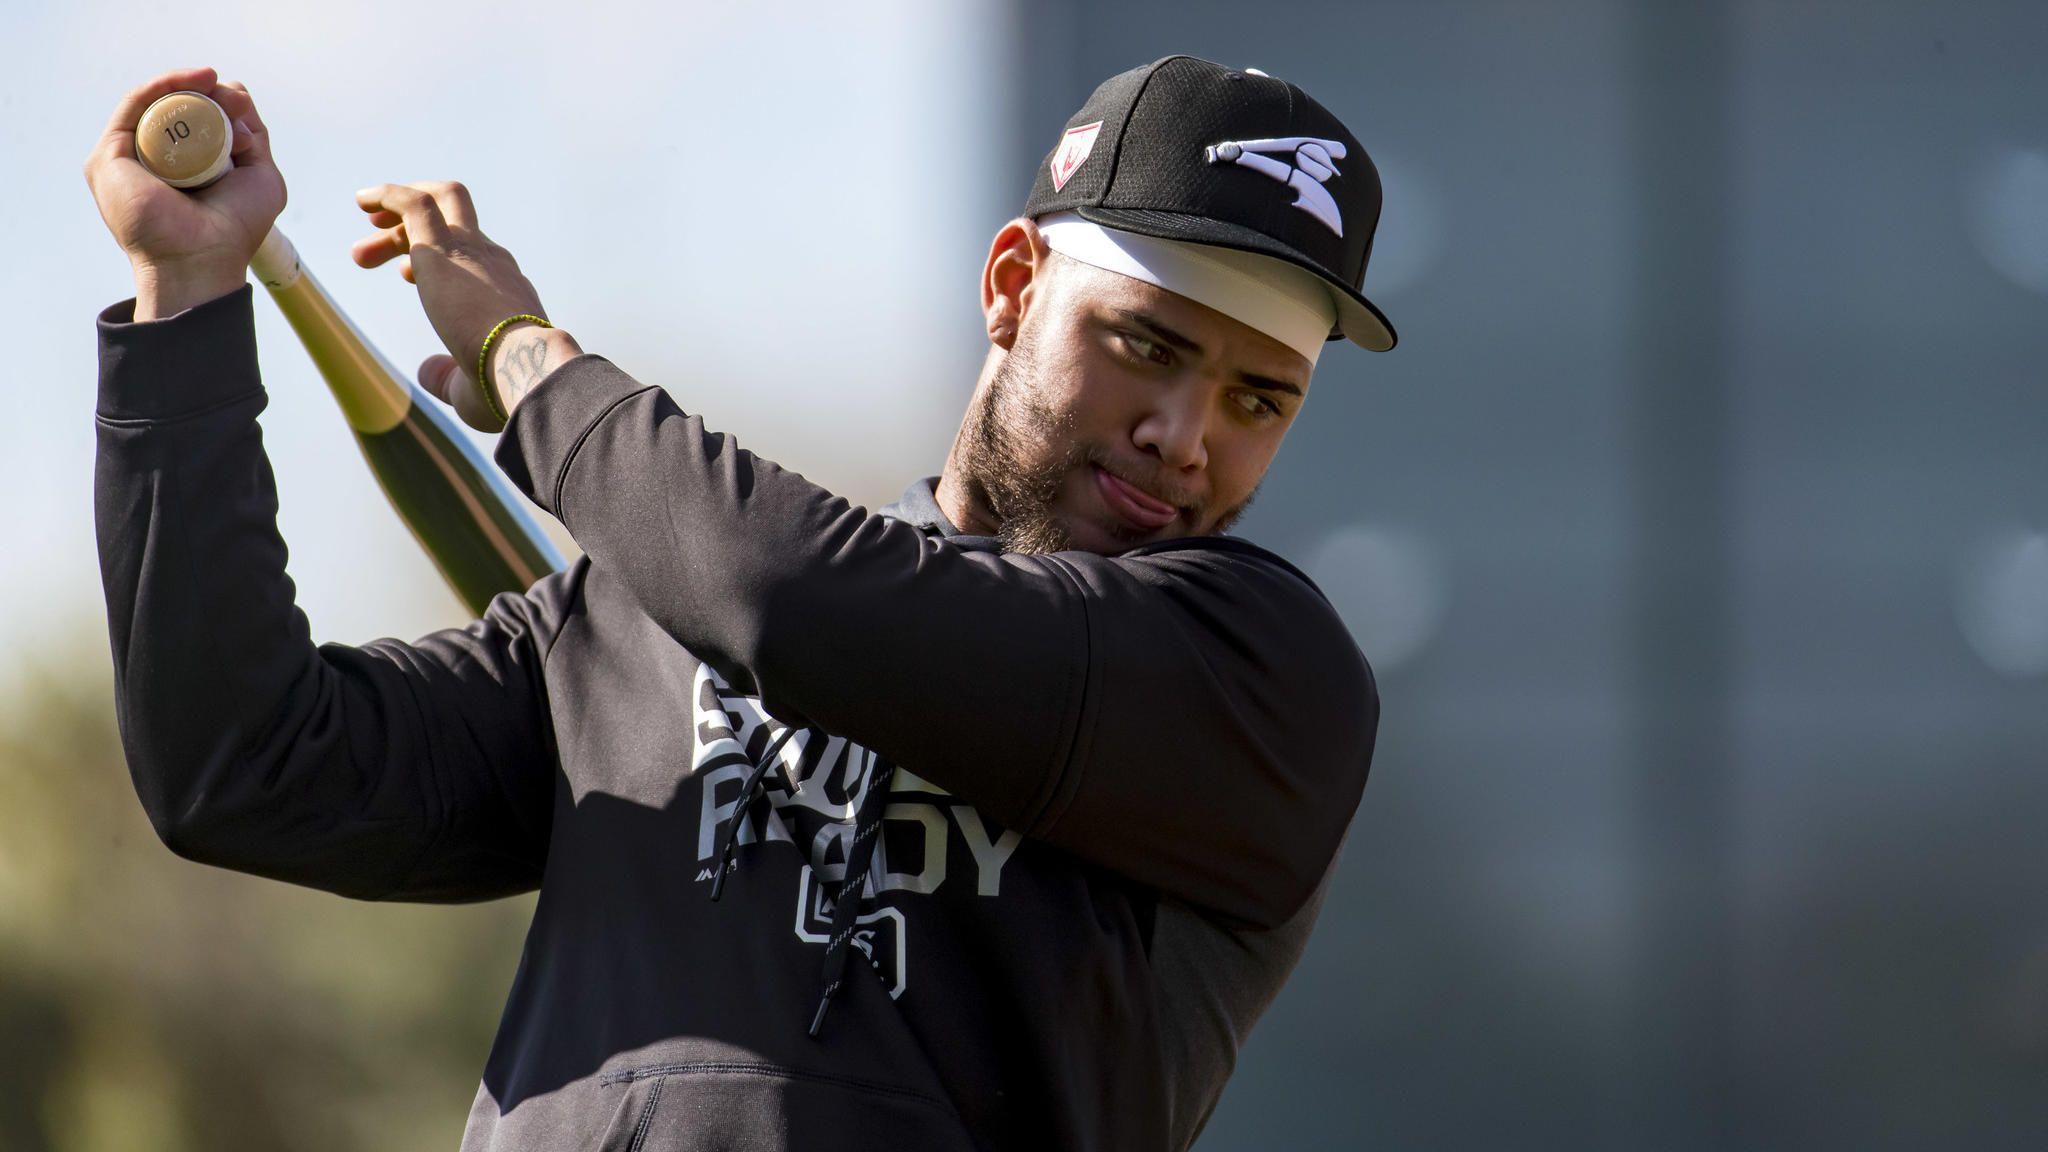 Moncada ha trabajado durante la temporada baja en las deficiencias de su swing y debe venir con un nuevo enoque en el 2019. Foto: Brian Cassella/Chicago Tribune